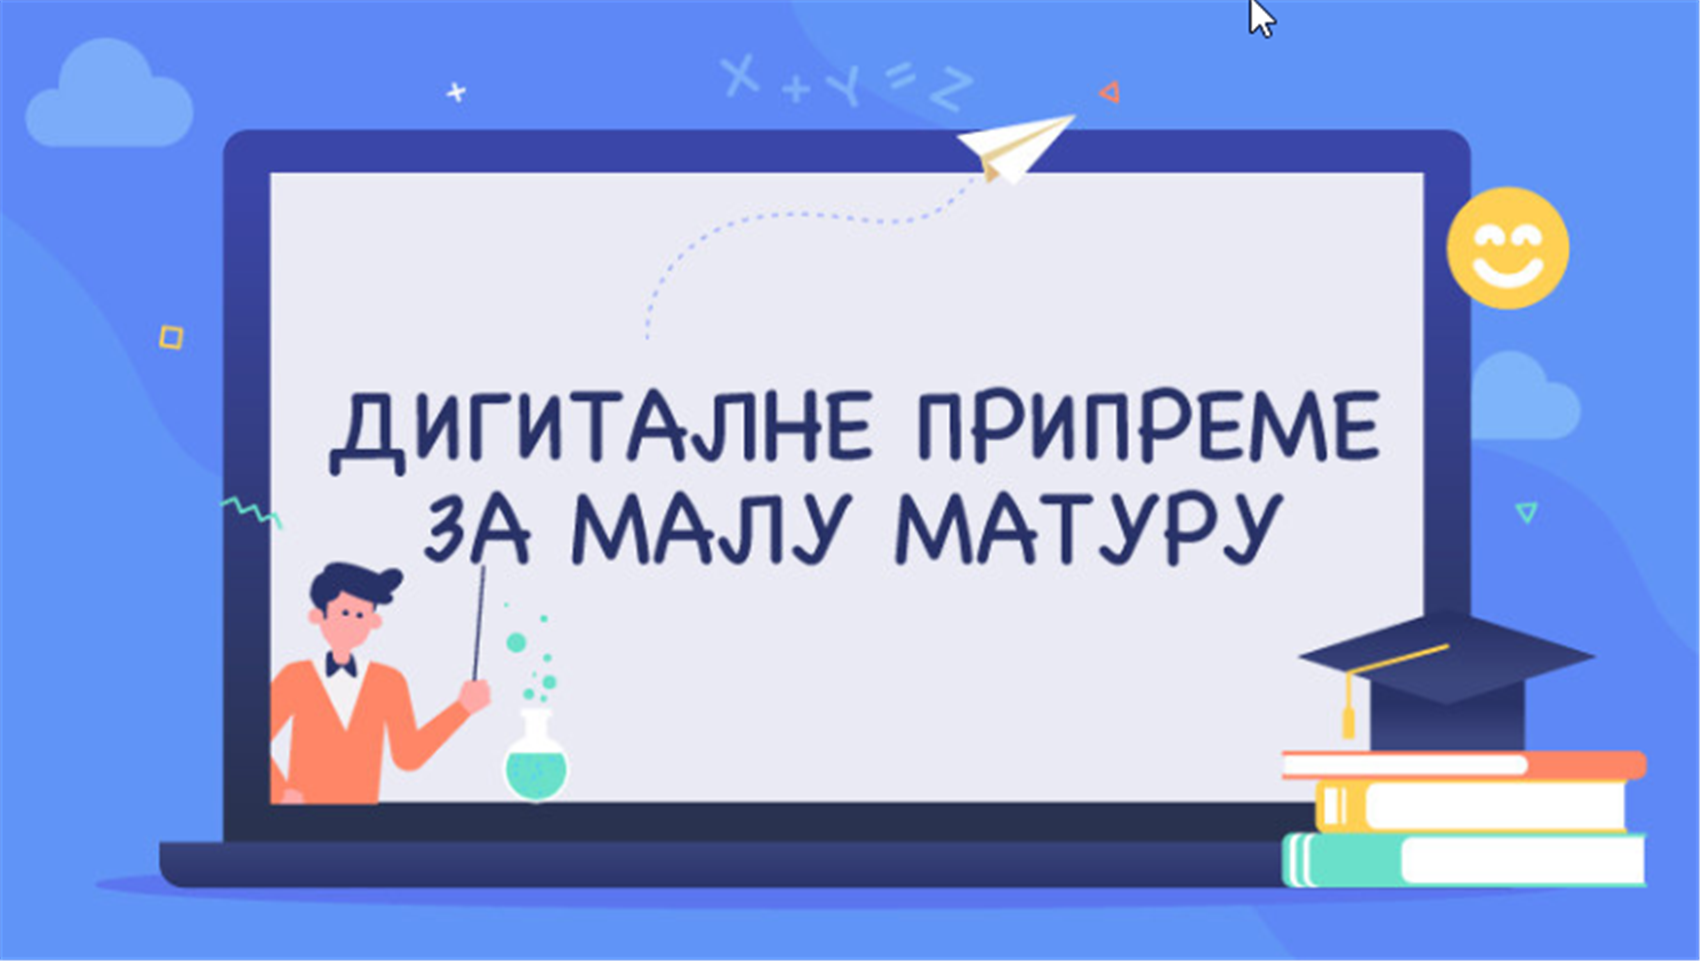 """На сајту РТВ-а почела """"Дигитална припрема за малу матуру"""""""